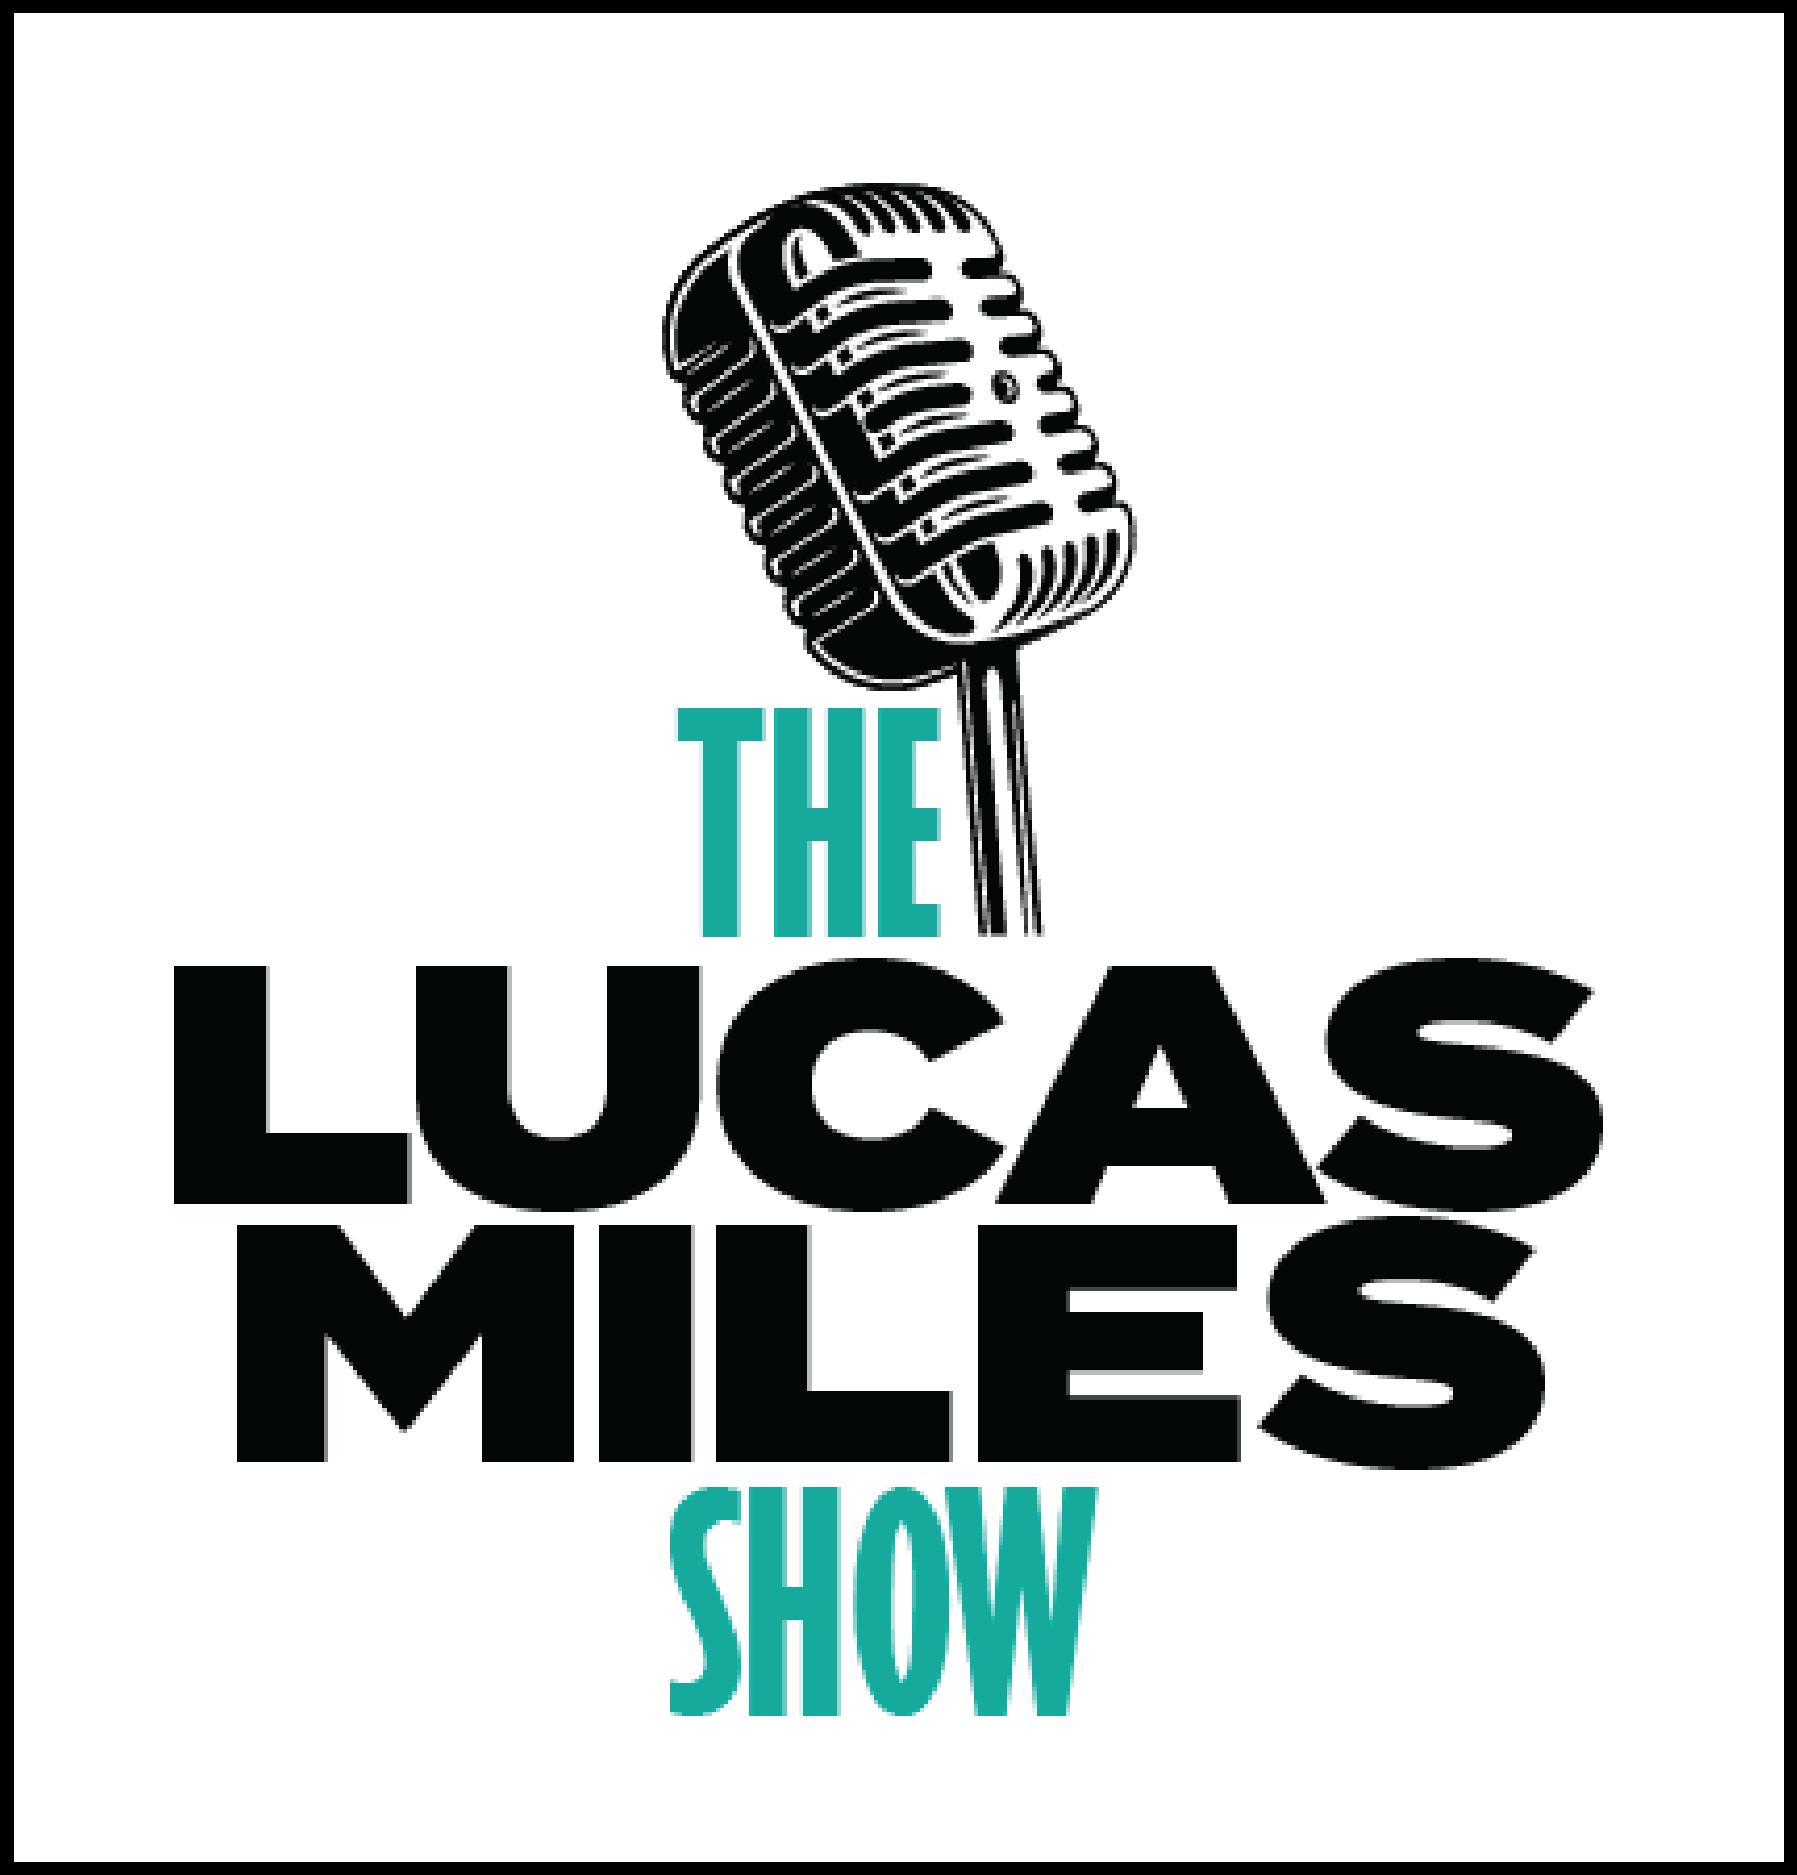 Lucas Miles Show